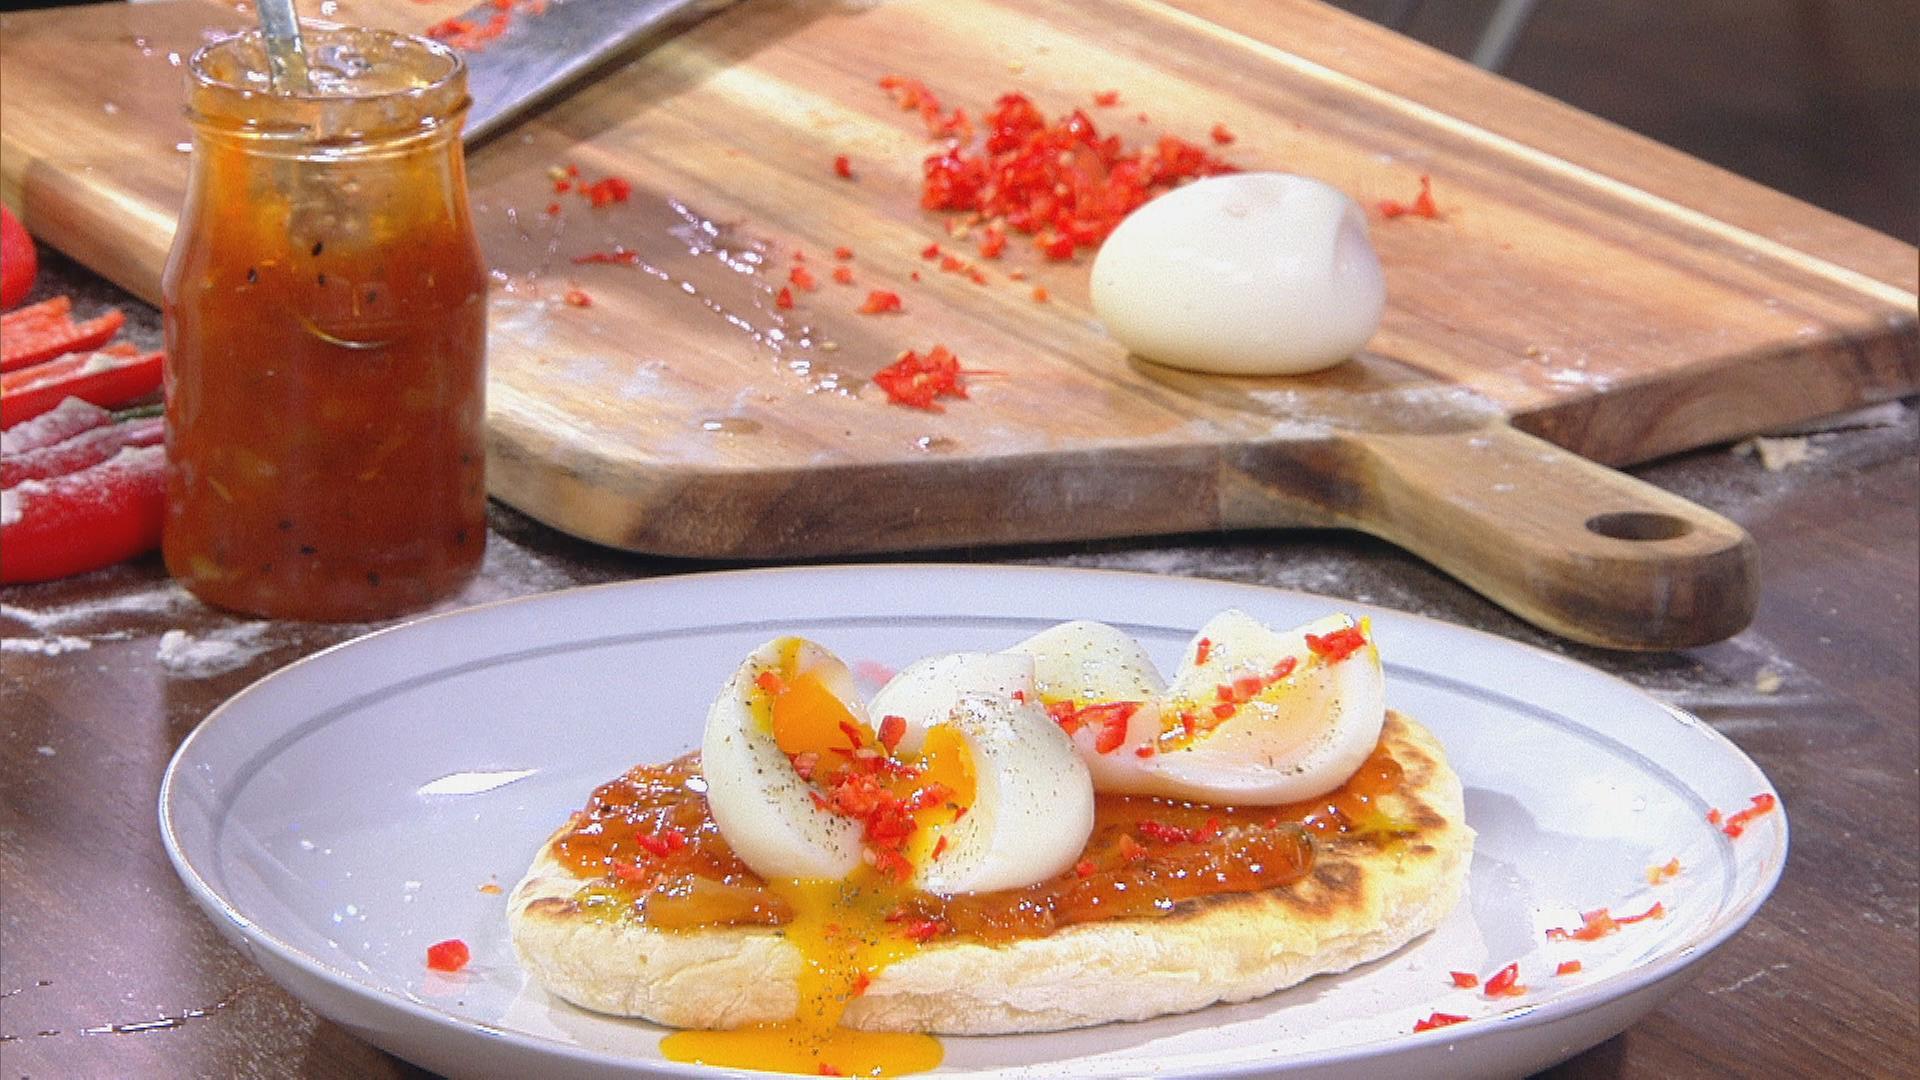 Sommerküche Jamie Oliver : Ratatouille jamie oliver rezepte mytaste